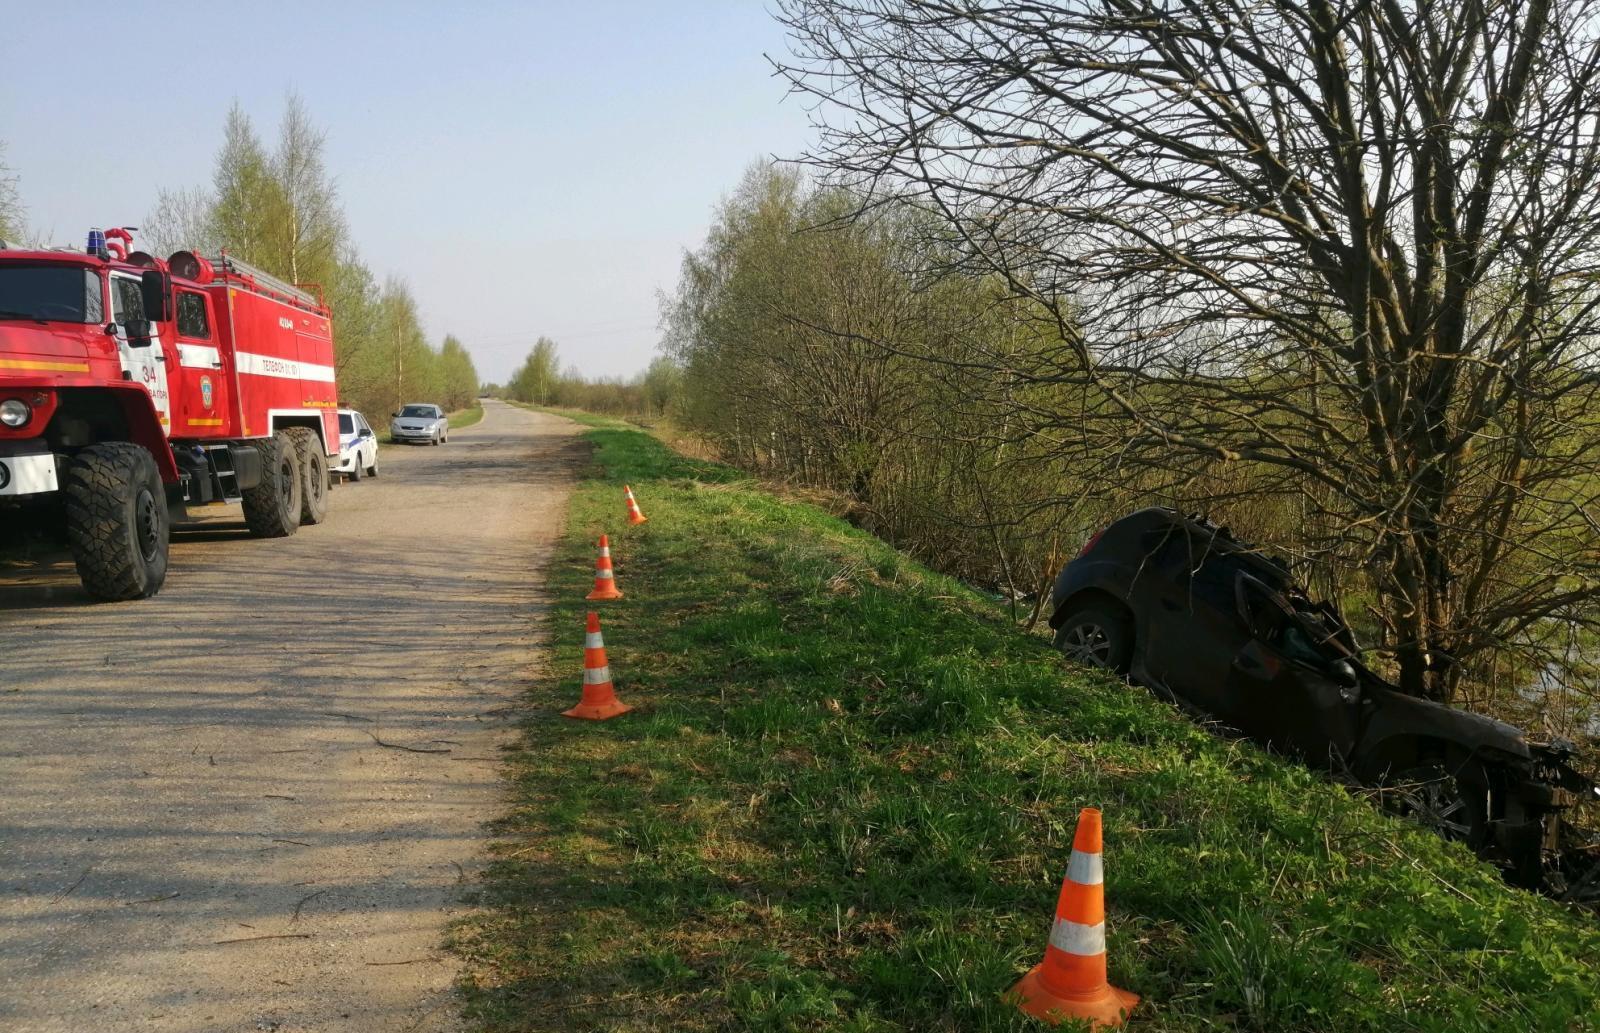 Не пристегнутый ремнем молодой водитель погиб в ДТП на дороге в Тверской области - новости Афанасий